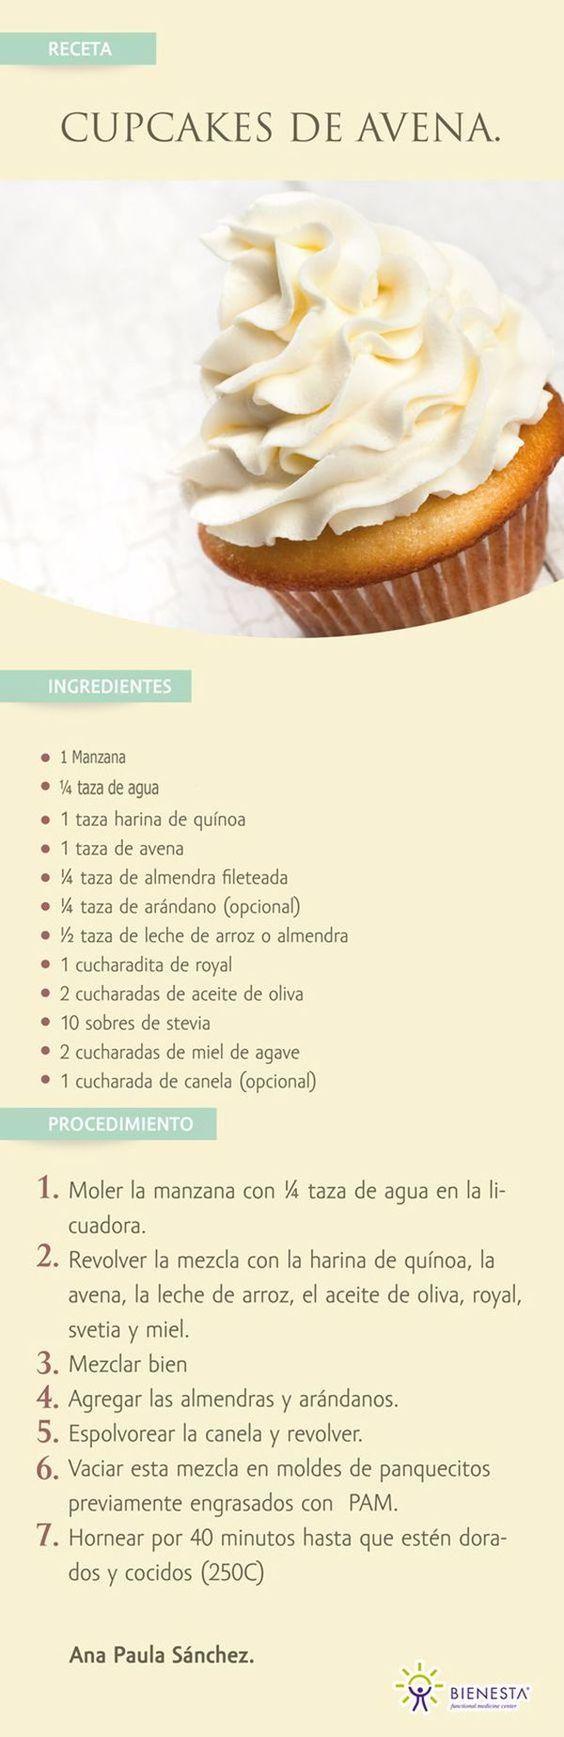 Receta para preparar magdalenas de avena, con ingredientes mucho más saludables que las tradicionales. #infografias #avena #recetas #magdalenas